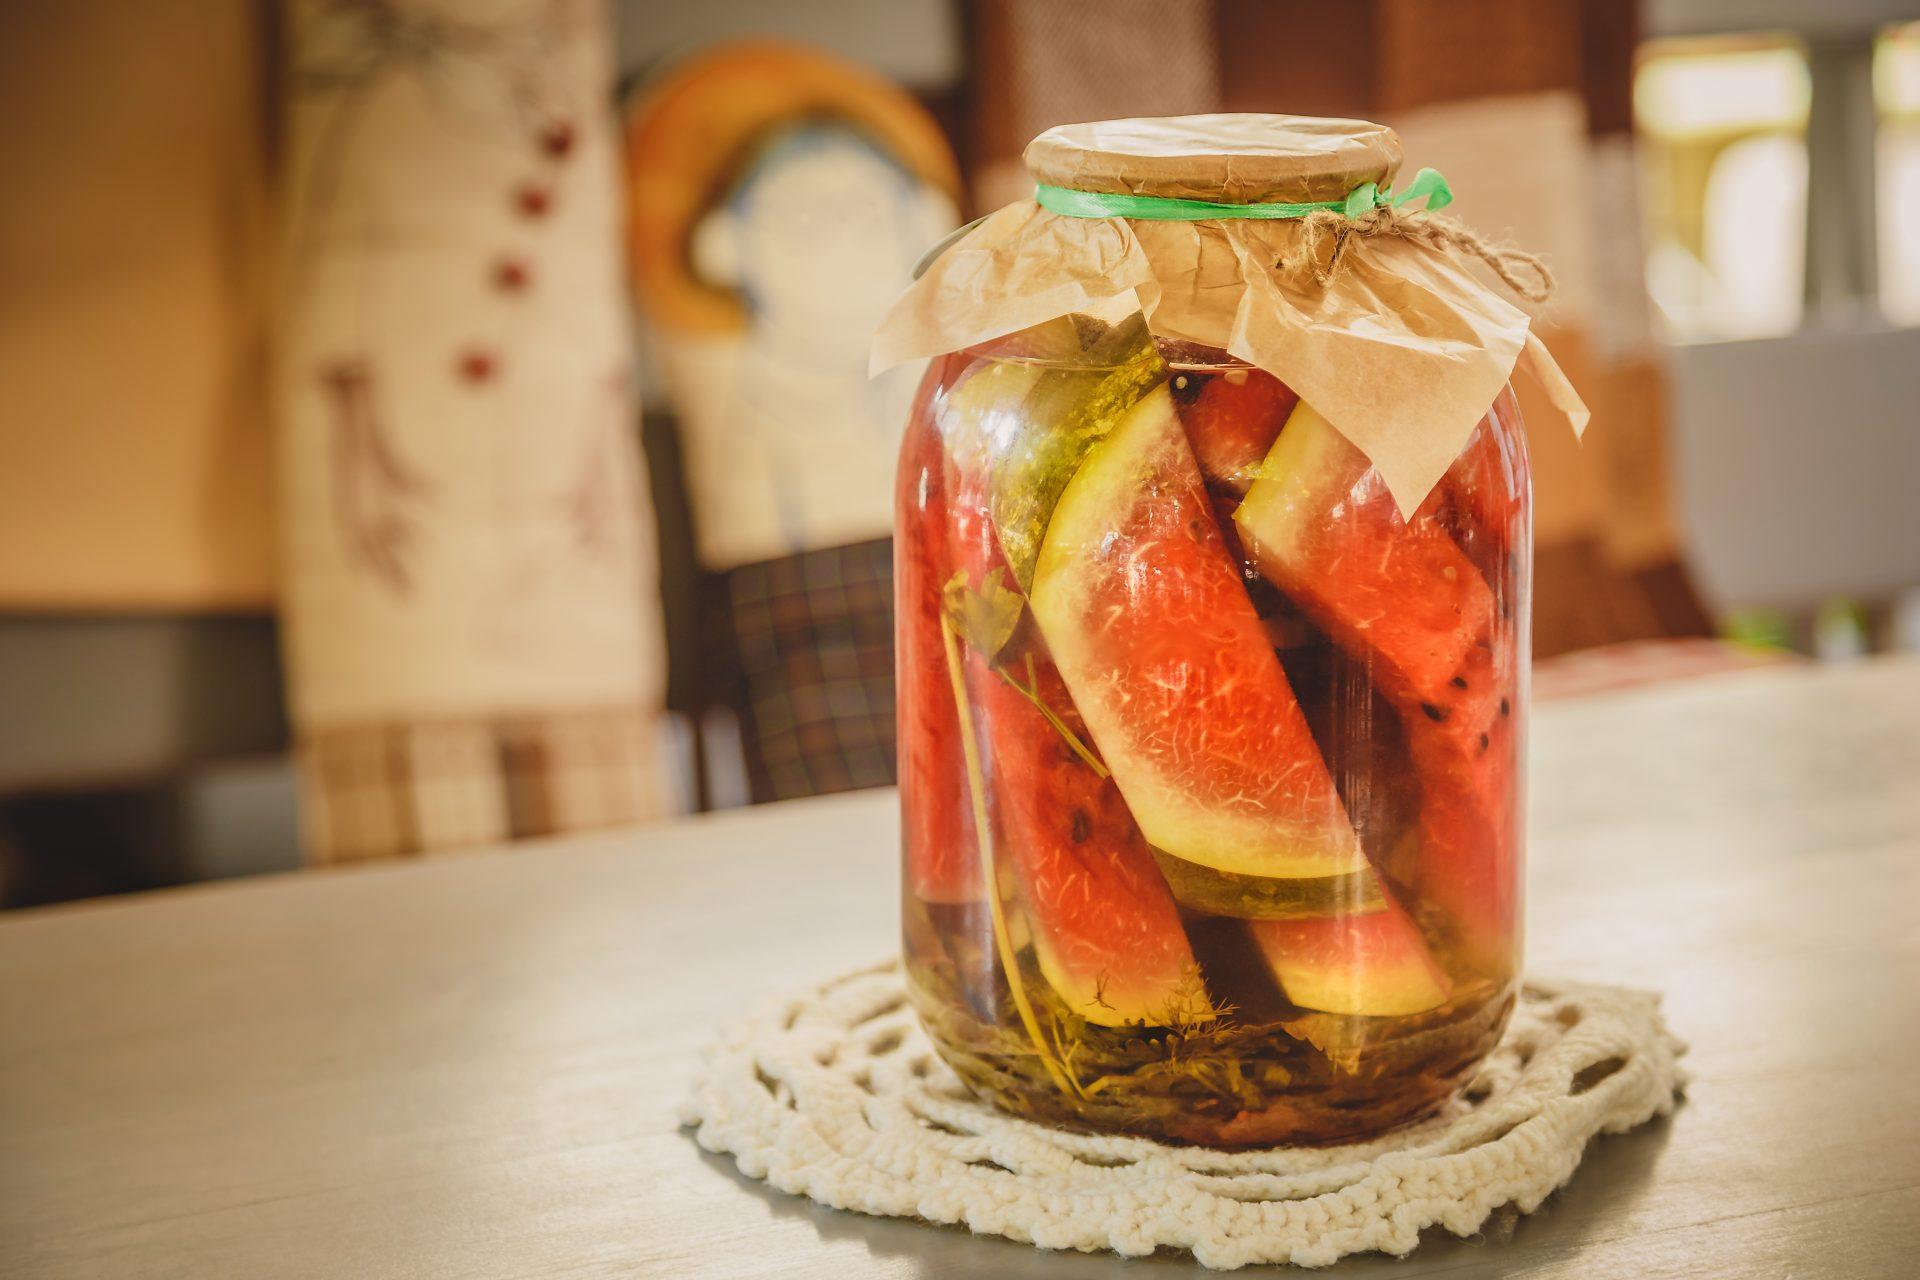 Способы приготовления блюд: в некоторых регионах России засаливают арбузы